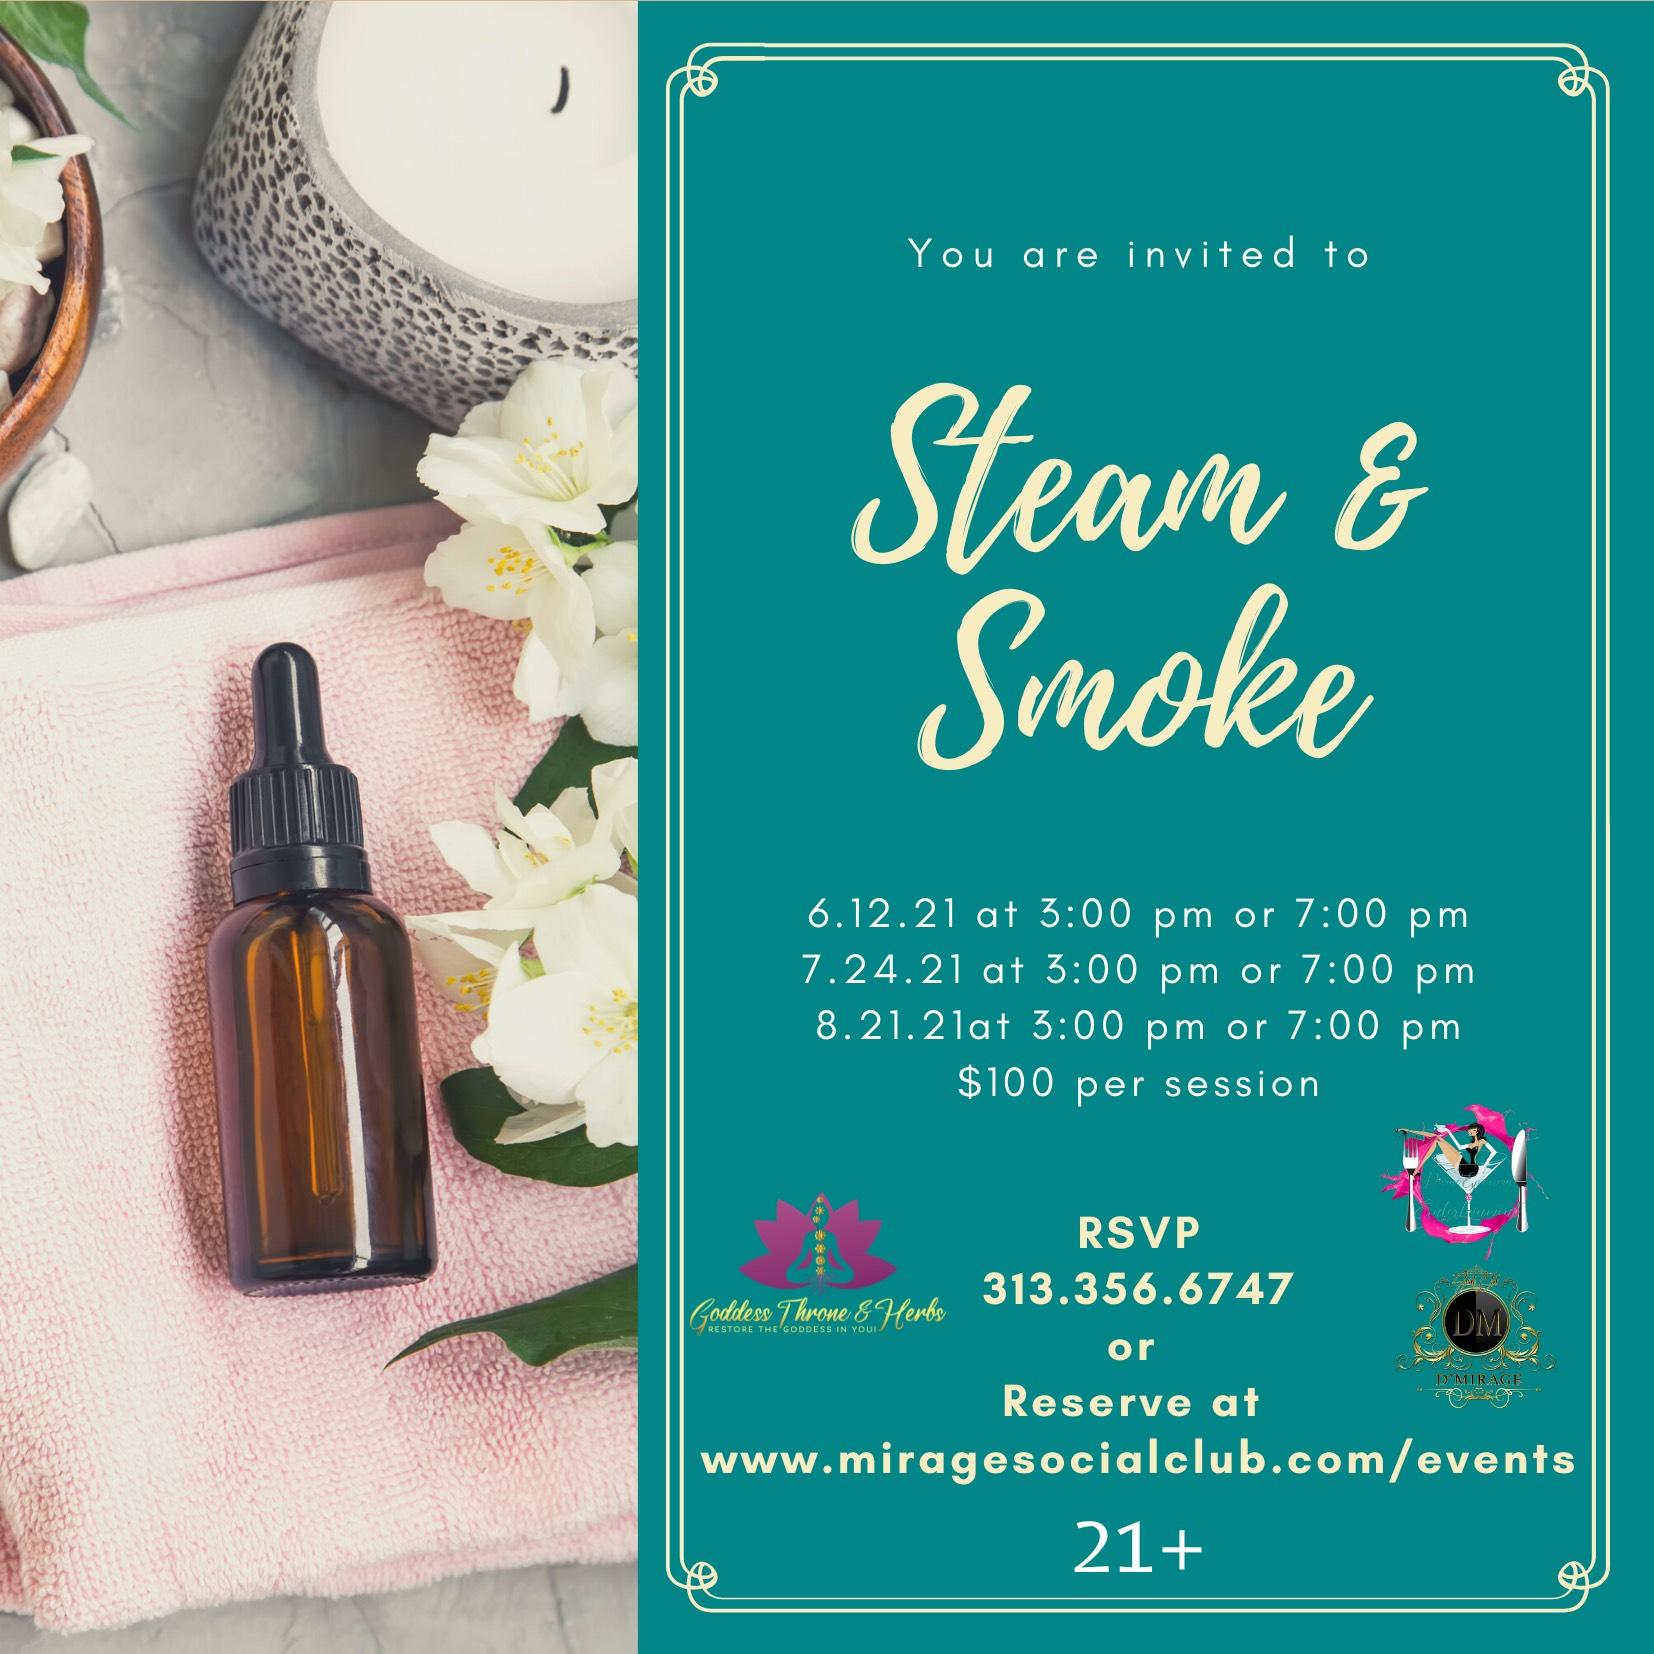 dMirageSteam & Smoke